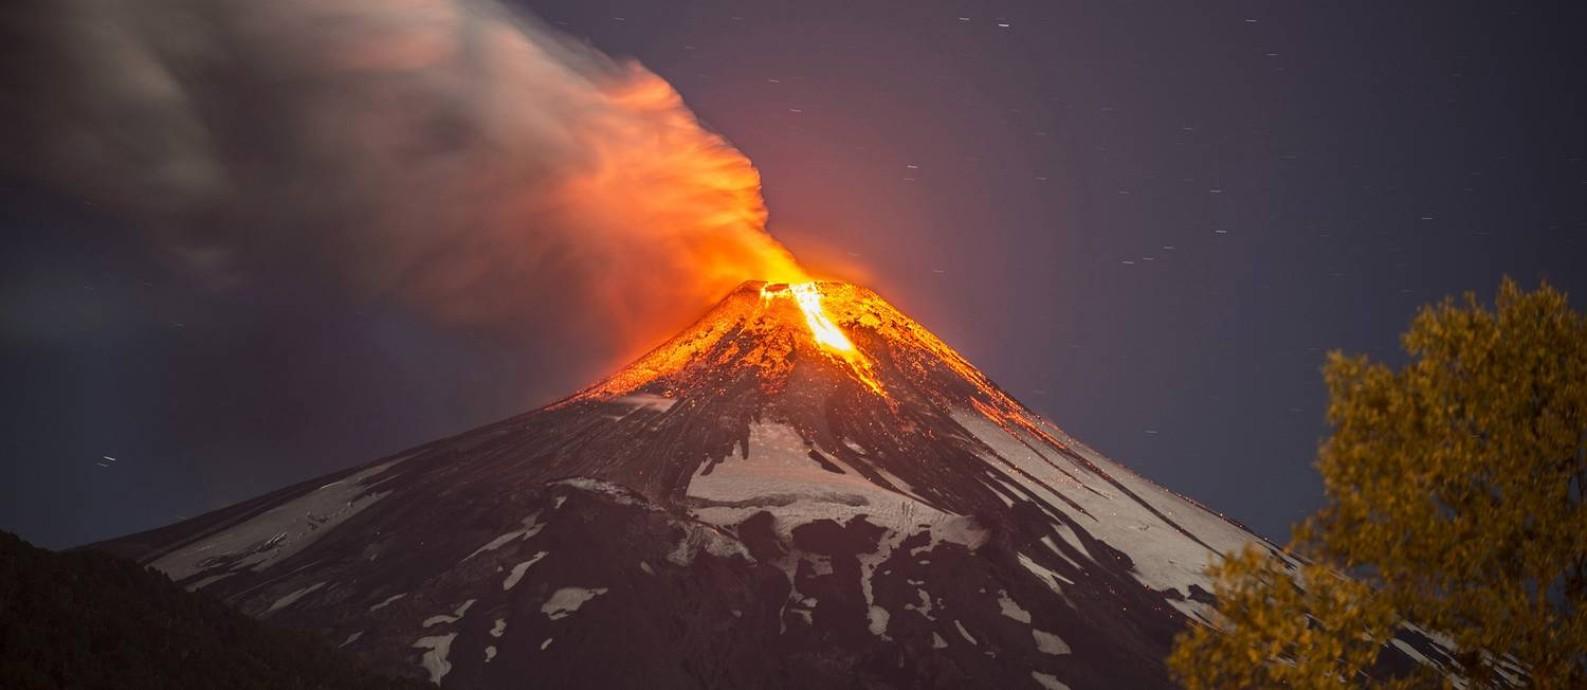 Erupção do vulcão Villarrica no Chile, em março de 2015, que forçou a evacuação de cerca de três mil pessoas: novo mapa será fundamental para a melhor compreensão da sismologia e do vulcanismo no continente Foto: FRANCISCO NEGRONI / AFP/FRANCISCO NEGRONI/3-3-2015